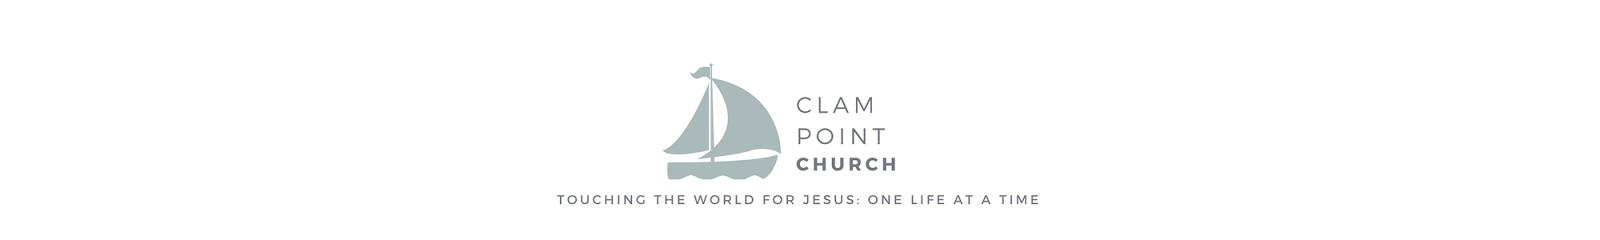 Clam Point Church